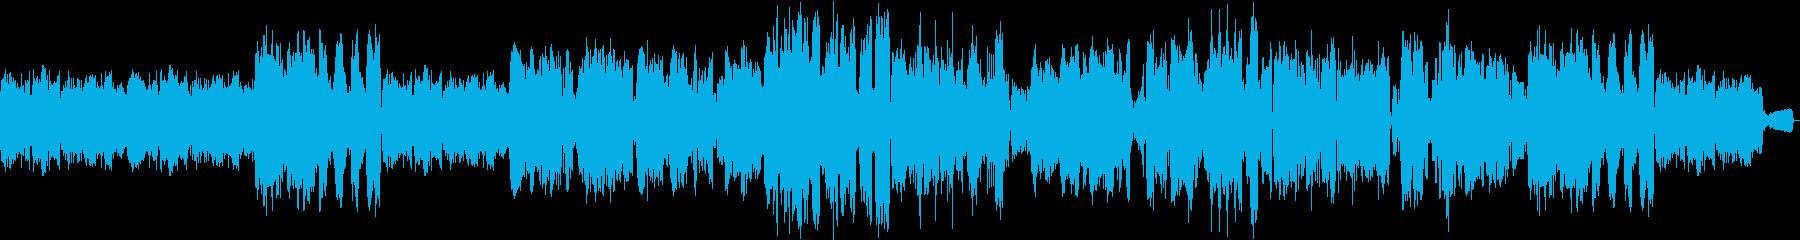 ゆっくりした川の淵の再生済みの波形